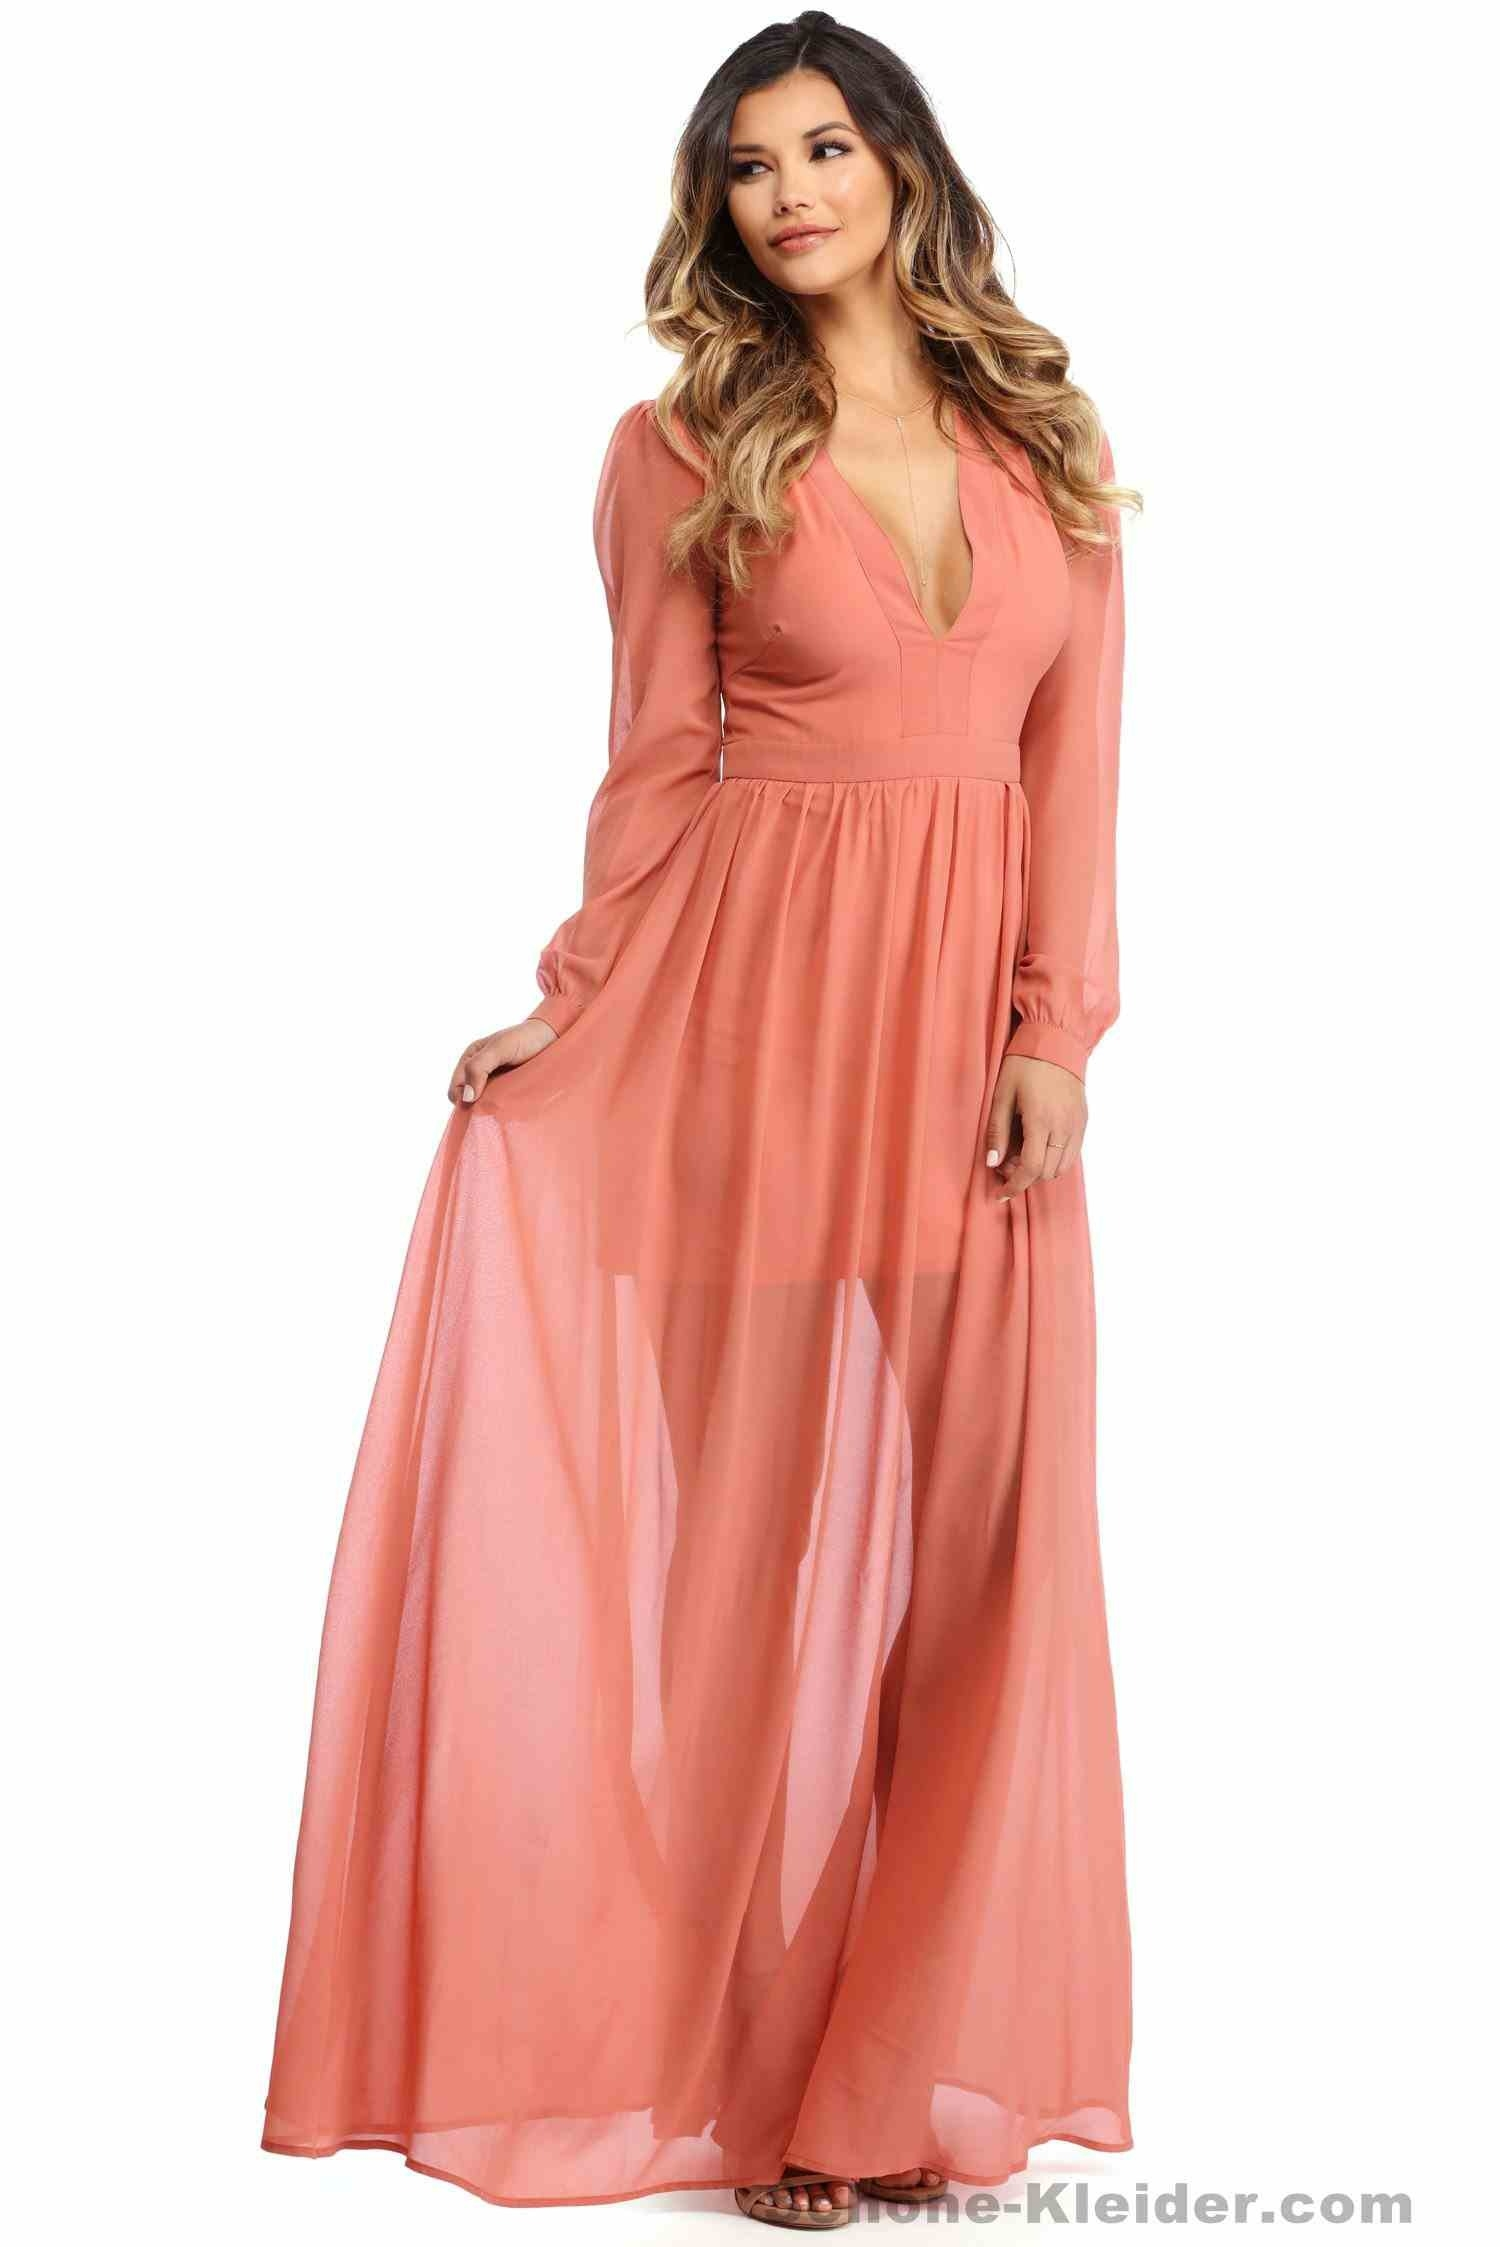 Fantastisch Lange Elegante Kleider GalerieDesigner Perfekt Lange Elegante Kleider für 2019